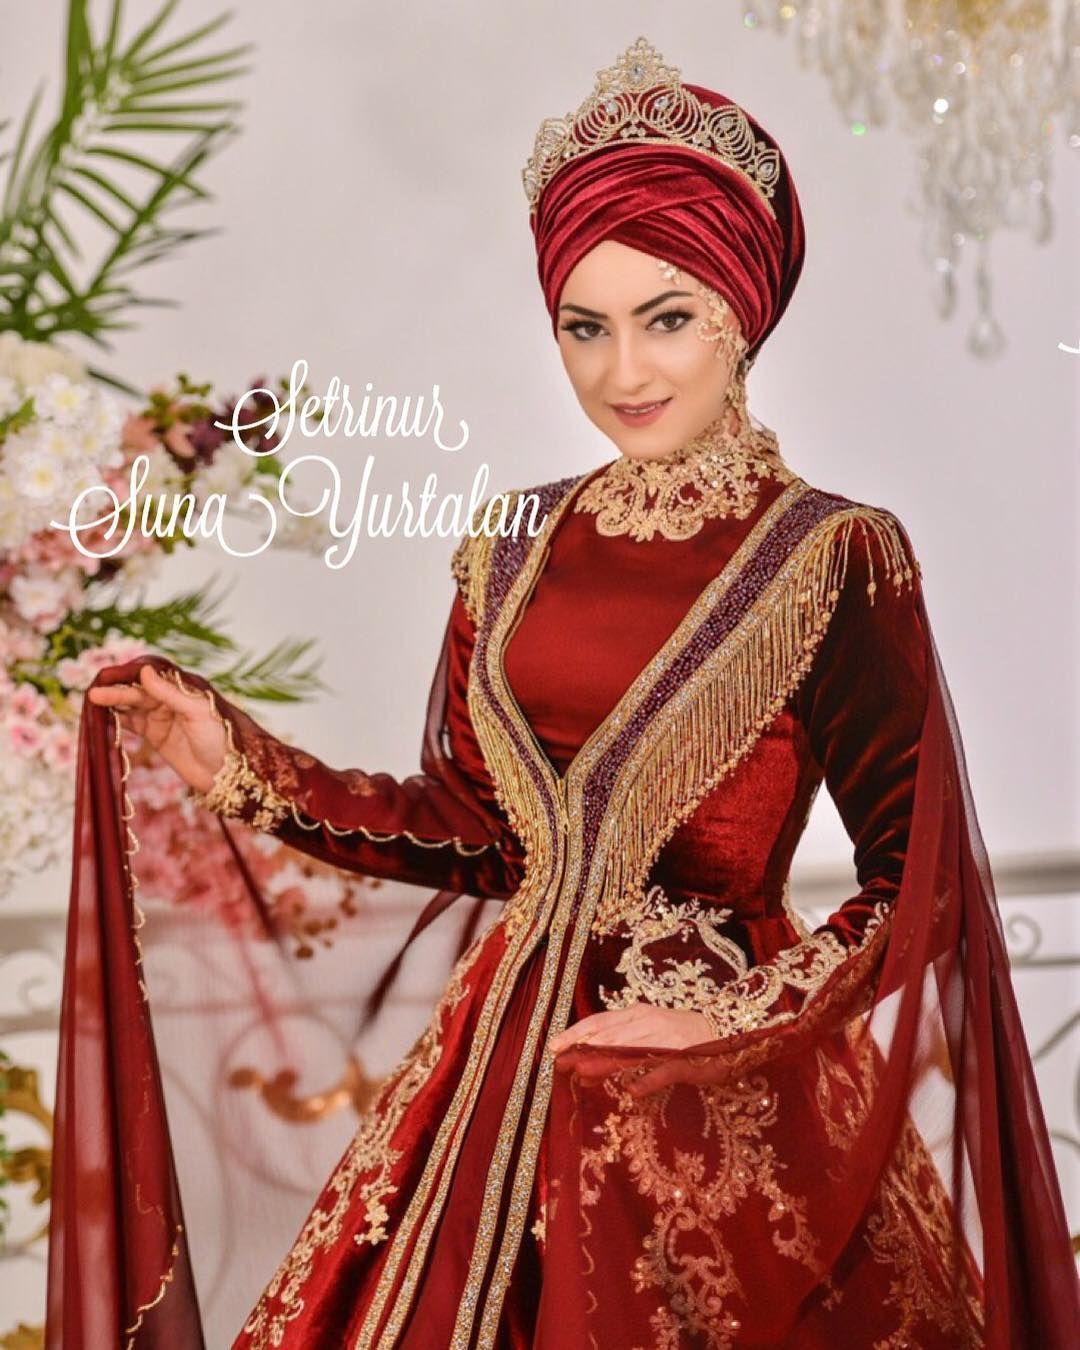 2018 Bindalli Kina Elbisesi Modelleri Tesettur Elbiseleri Tesettur Giyim Moda Trend Portaliniz Kina Gecesi Icin En Model Dress Iranian Women Fashion Dresses